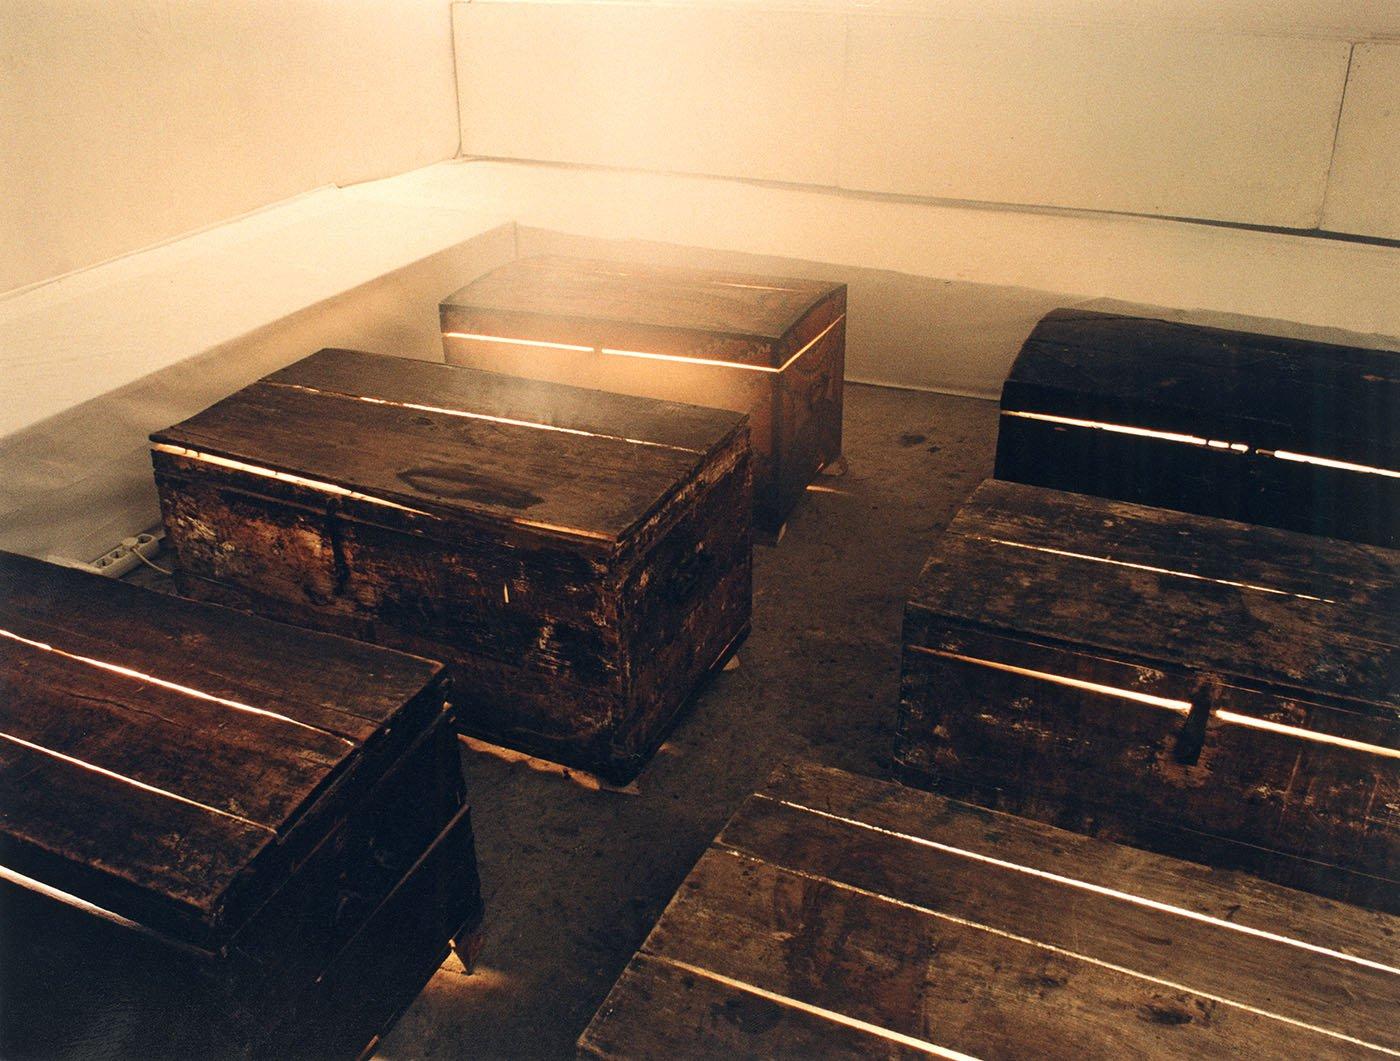 Sleeping in Coffins